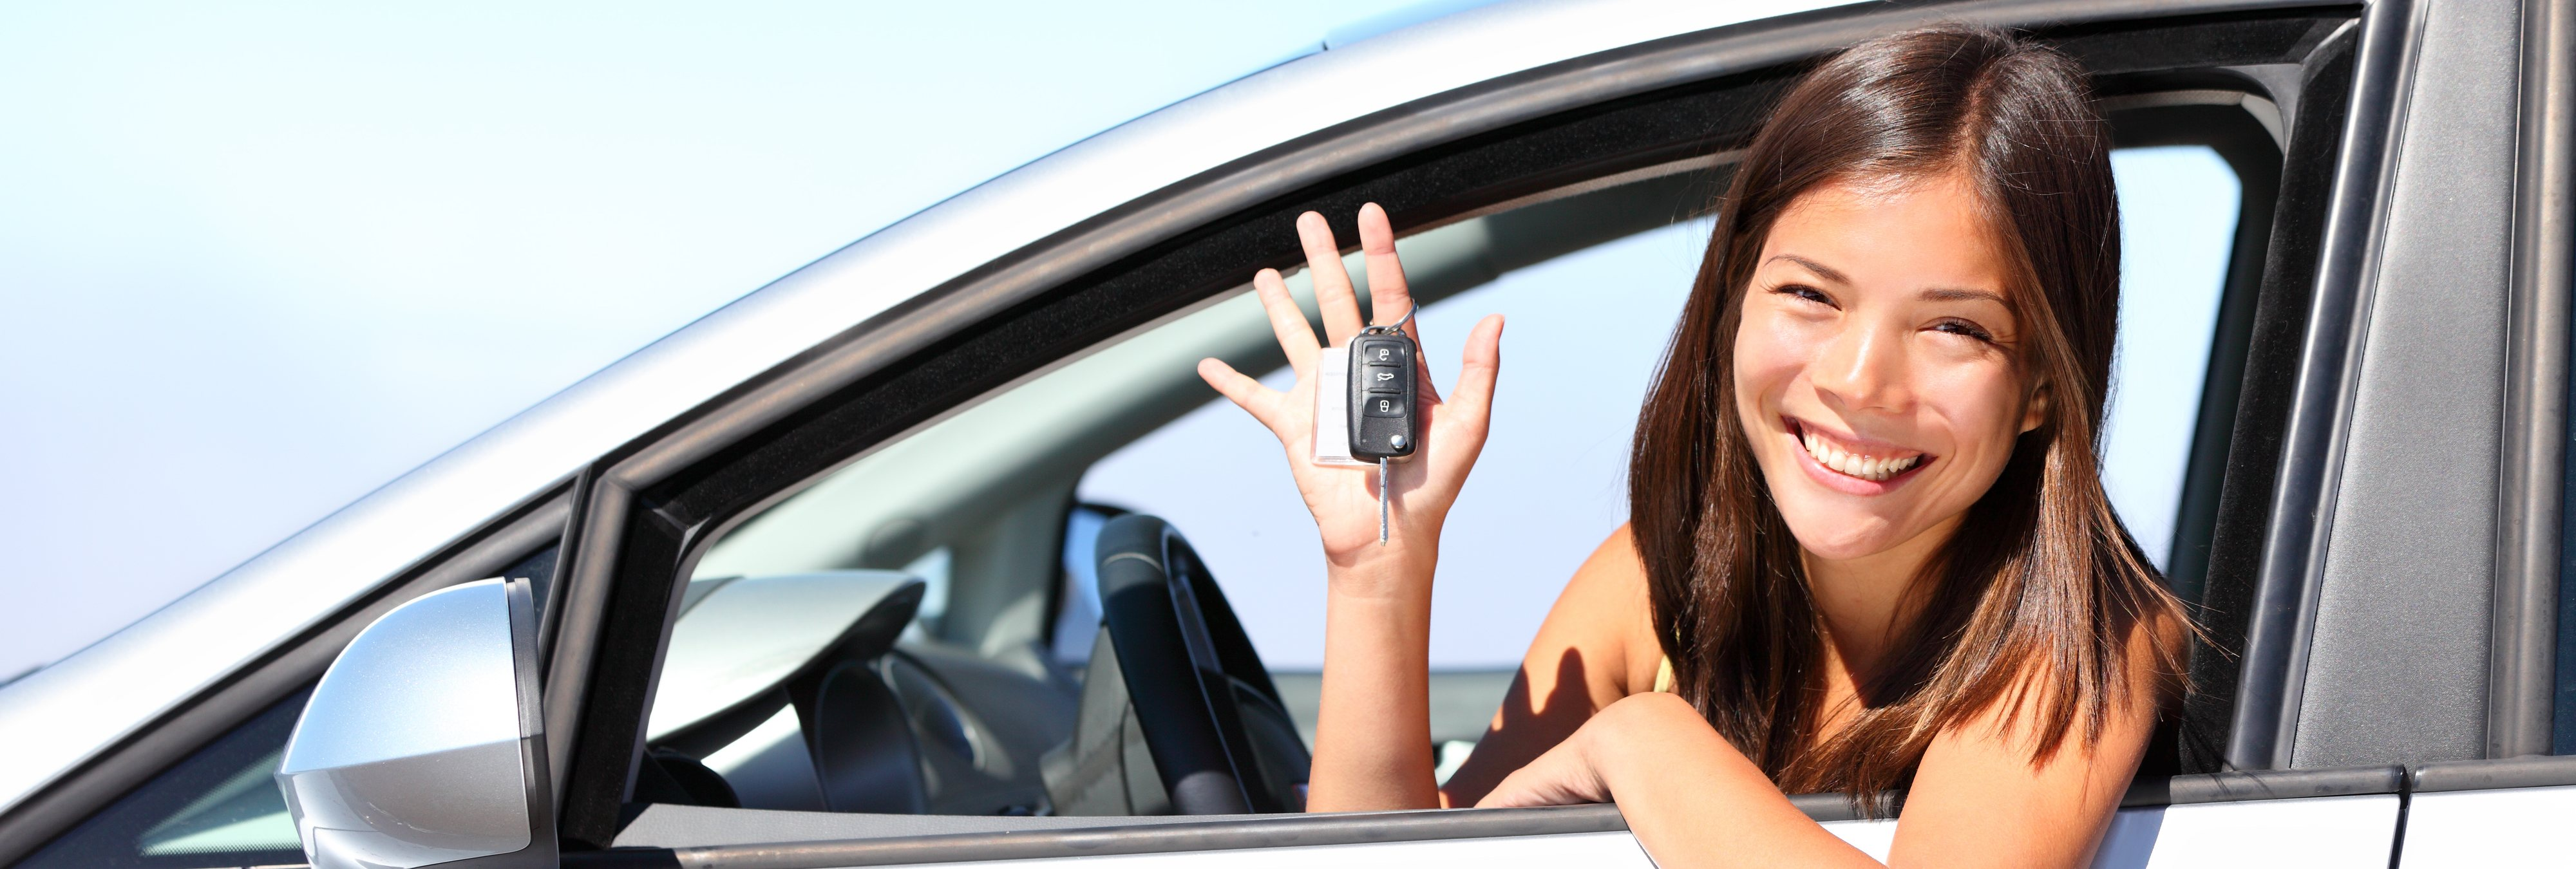 BlaBlaCar ofrece un servicio solo para mujer y los machitos se ofenden